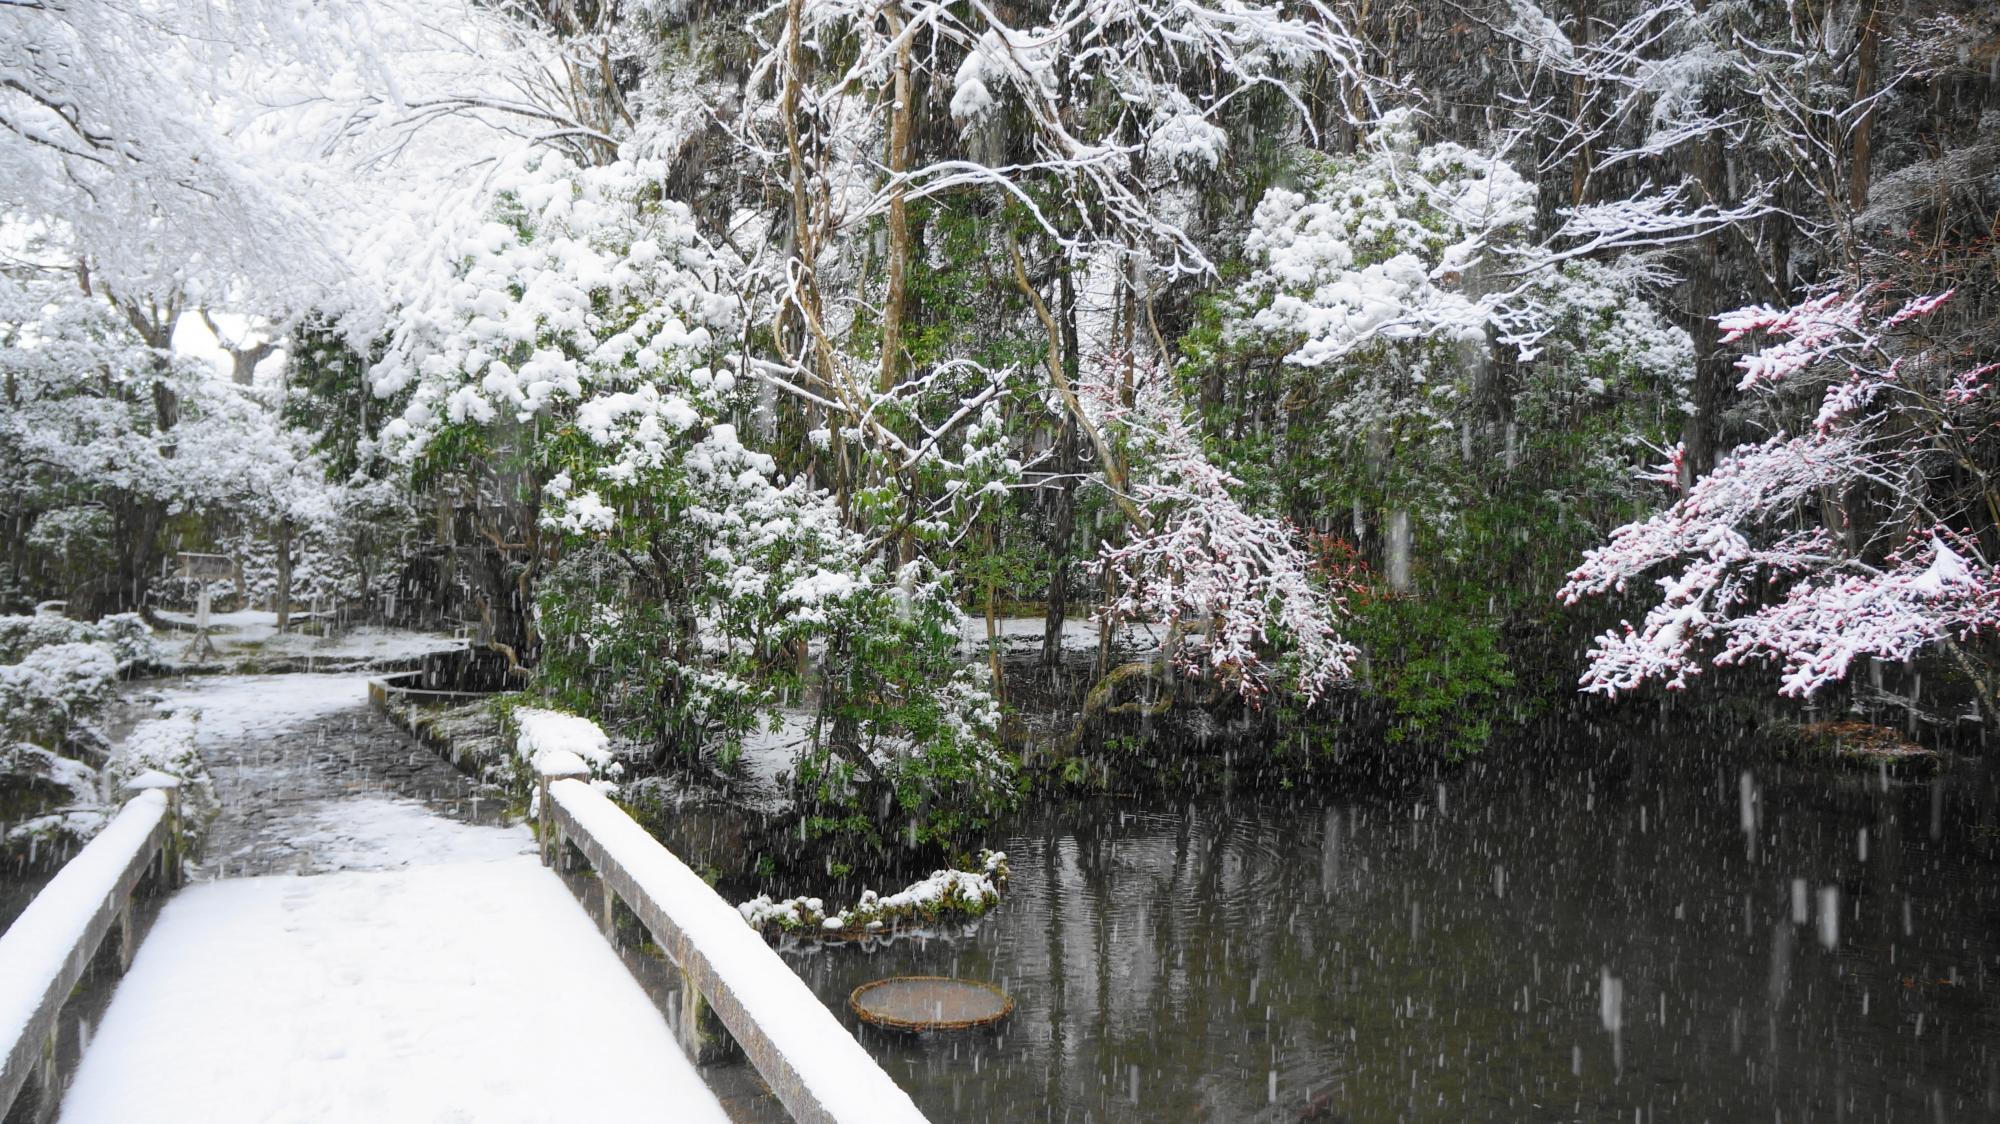 雪化粧した多種多様な木々や植物